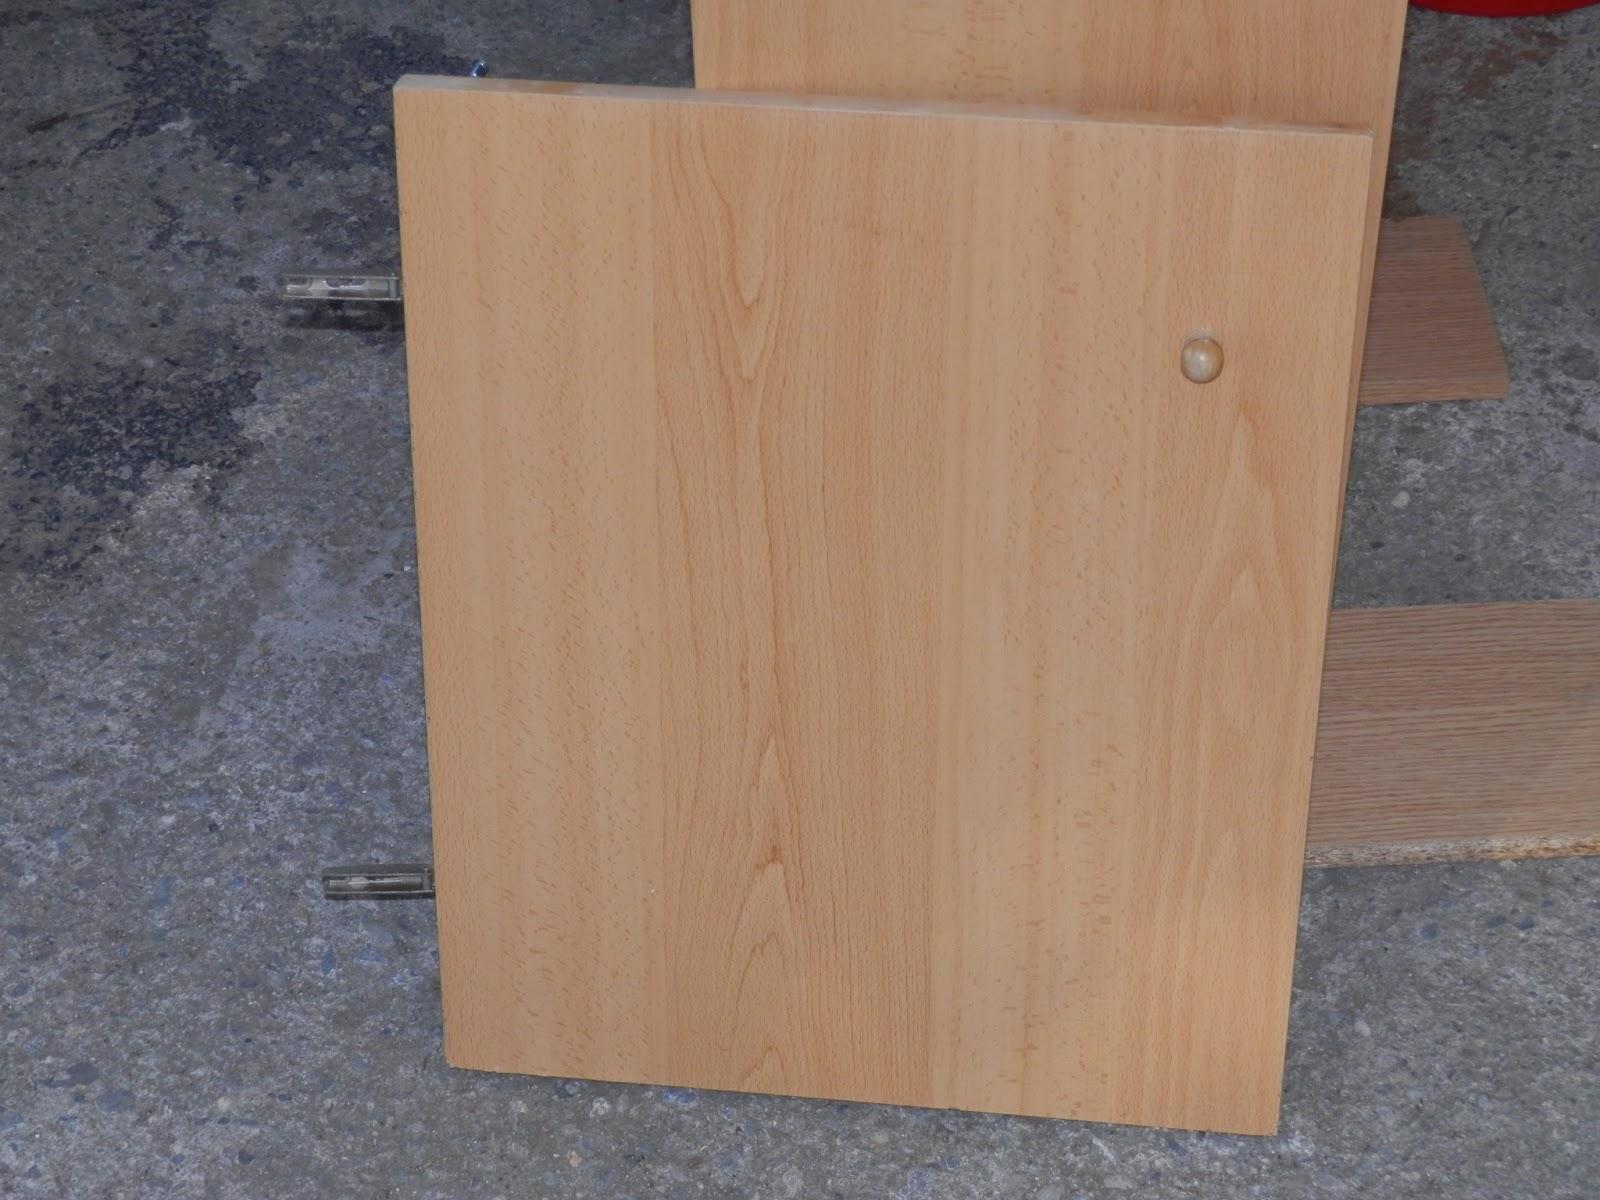 Como patinar un mueble envejecer un mueble de madera elegant envejecer madera - Milanuncios muebles valladolid ...